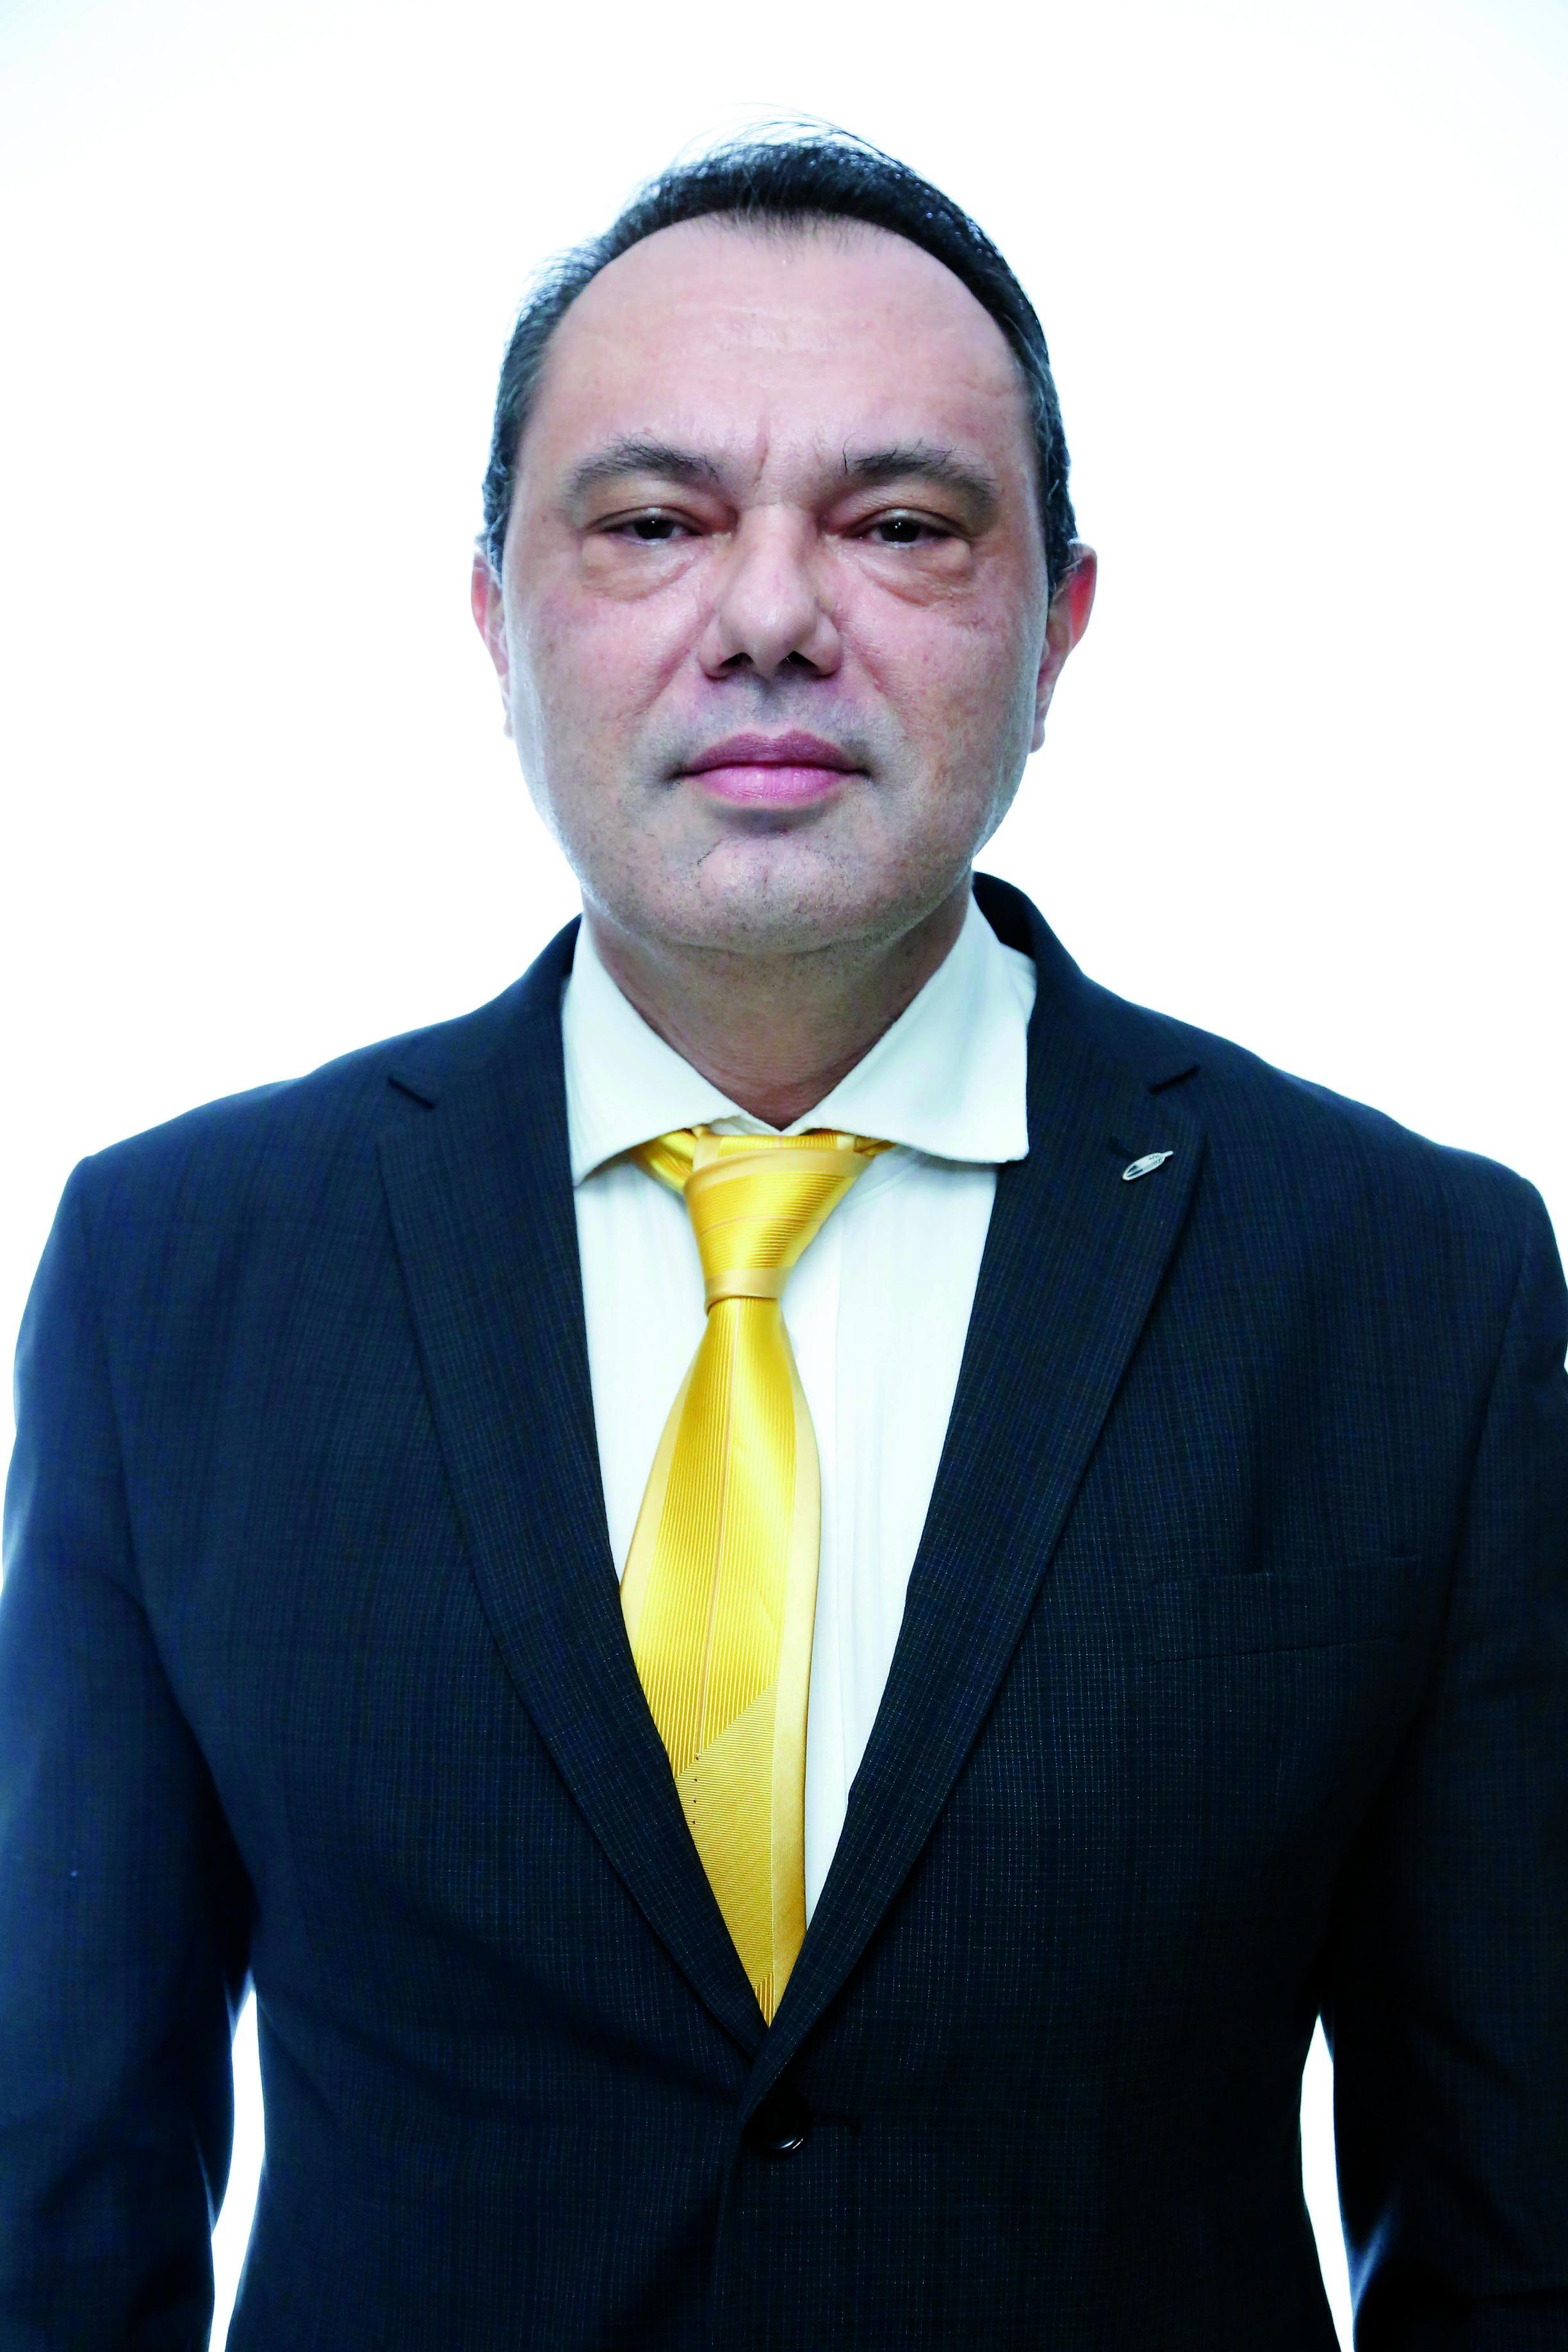 Dr. Coriolano Aurélio de Almeida Carmargo Santos